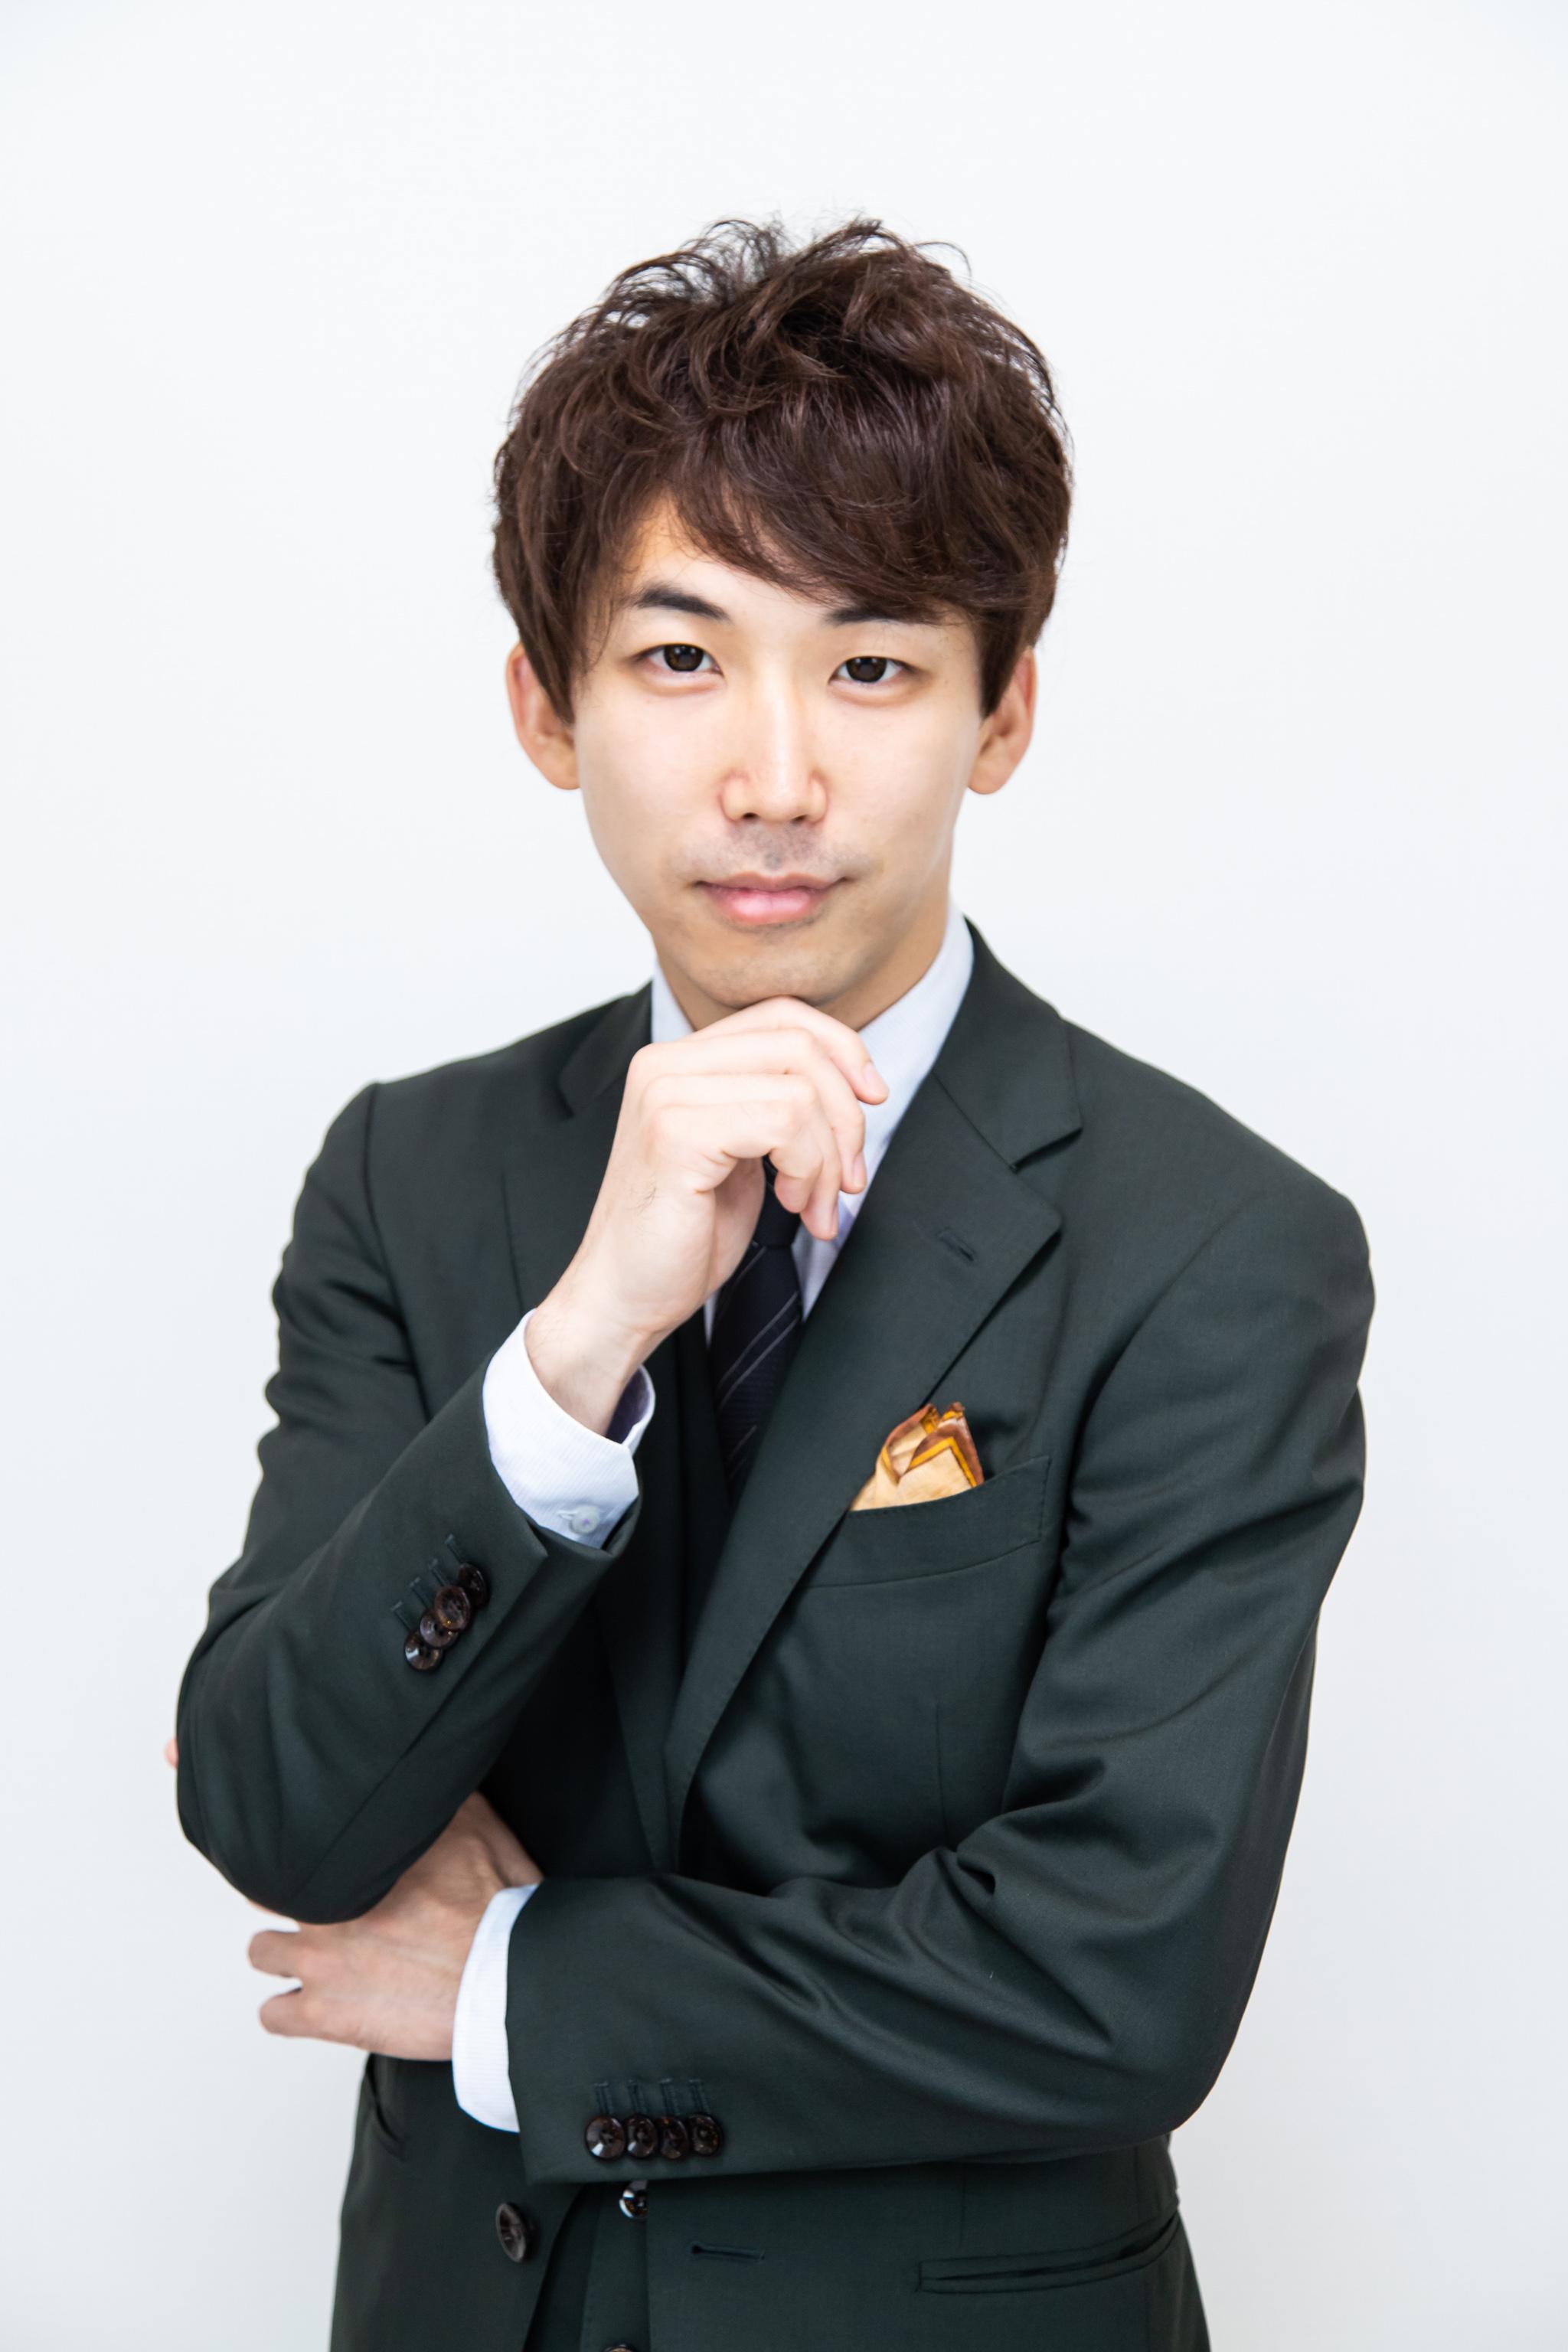 Rips株式会社 代表取締役 花岡 良泰